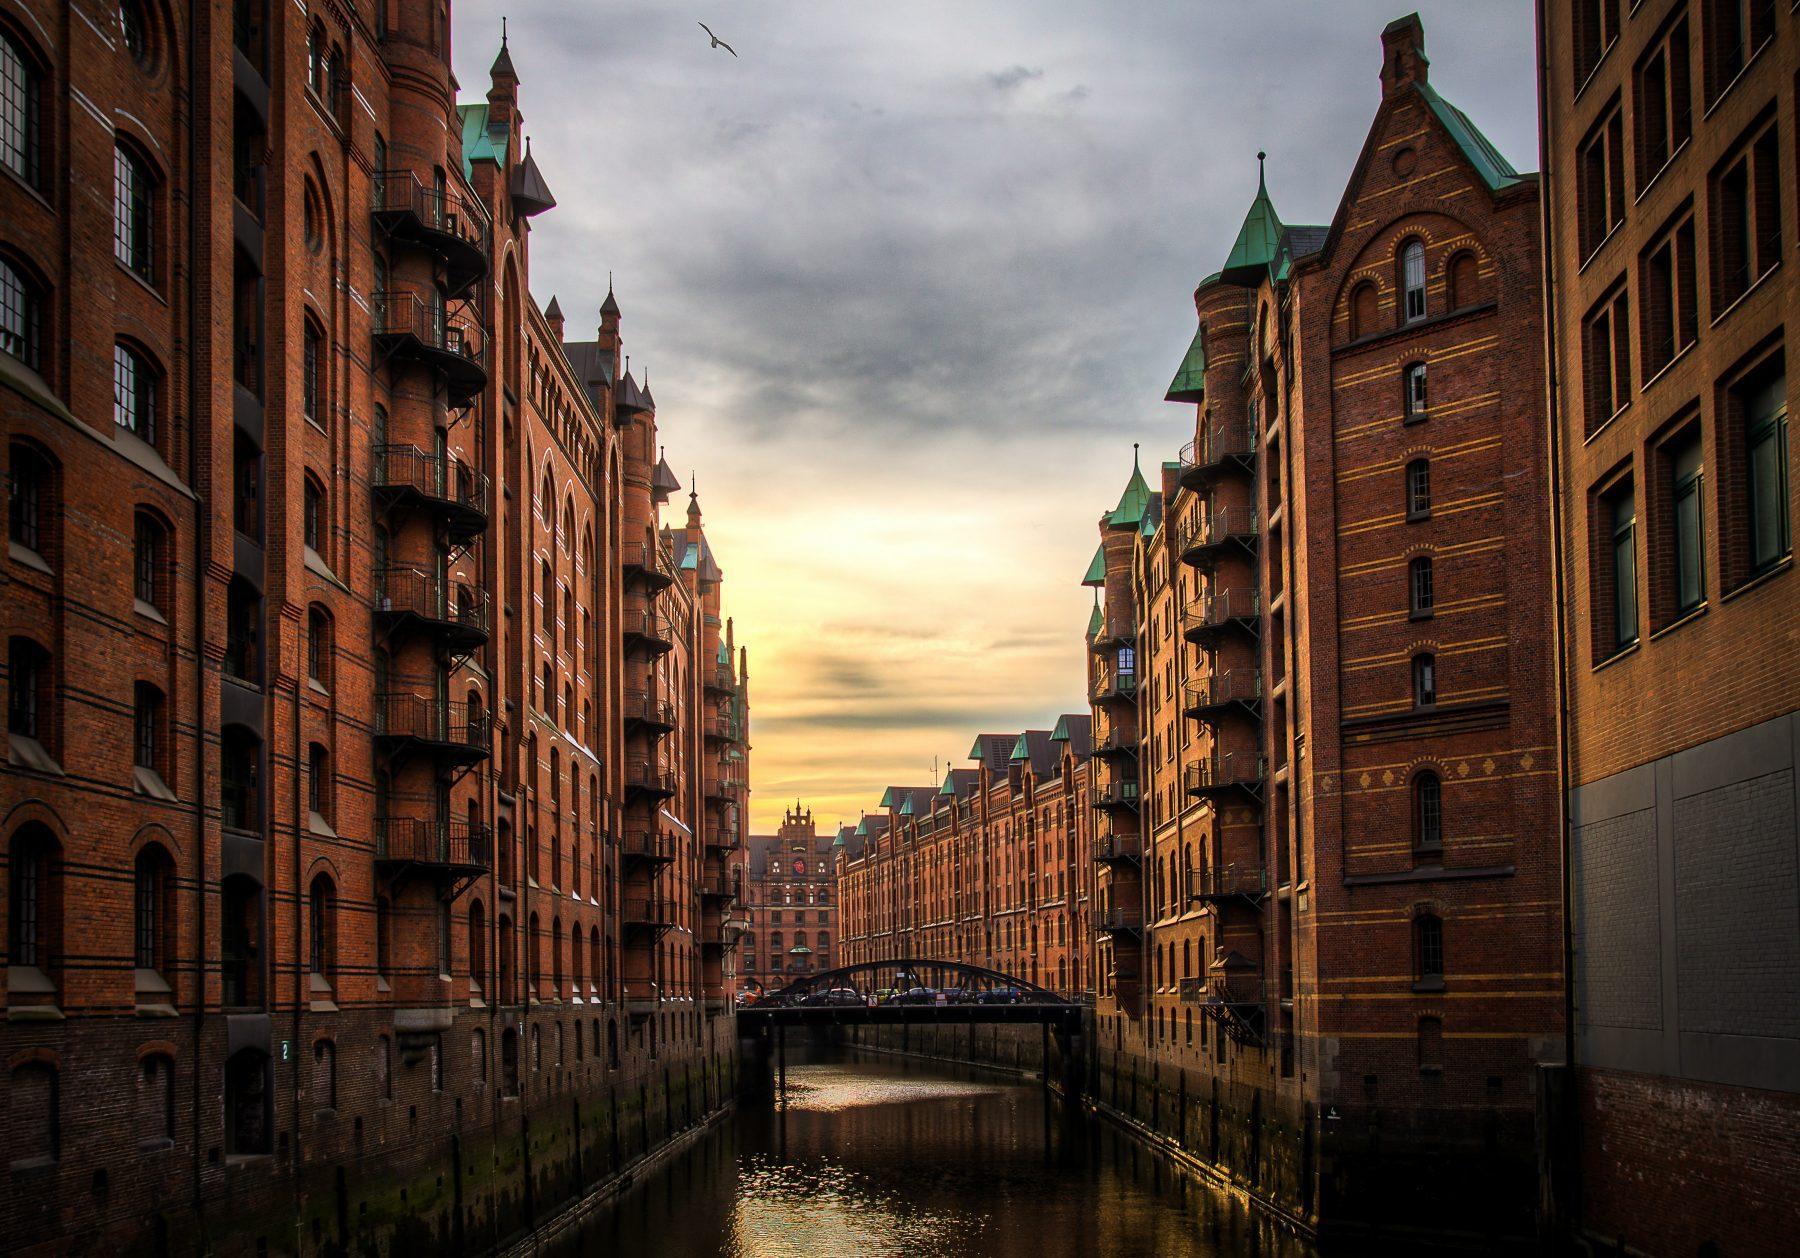 Bild eines Kanals in Hamburg, Deutschland.